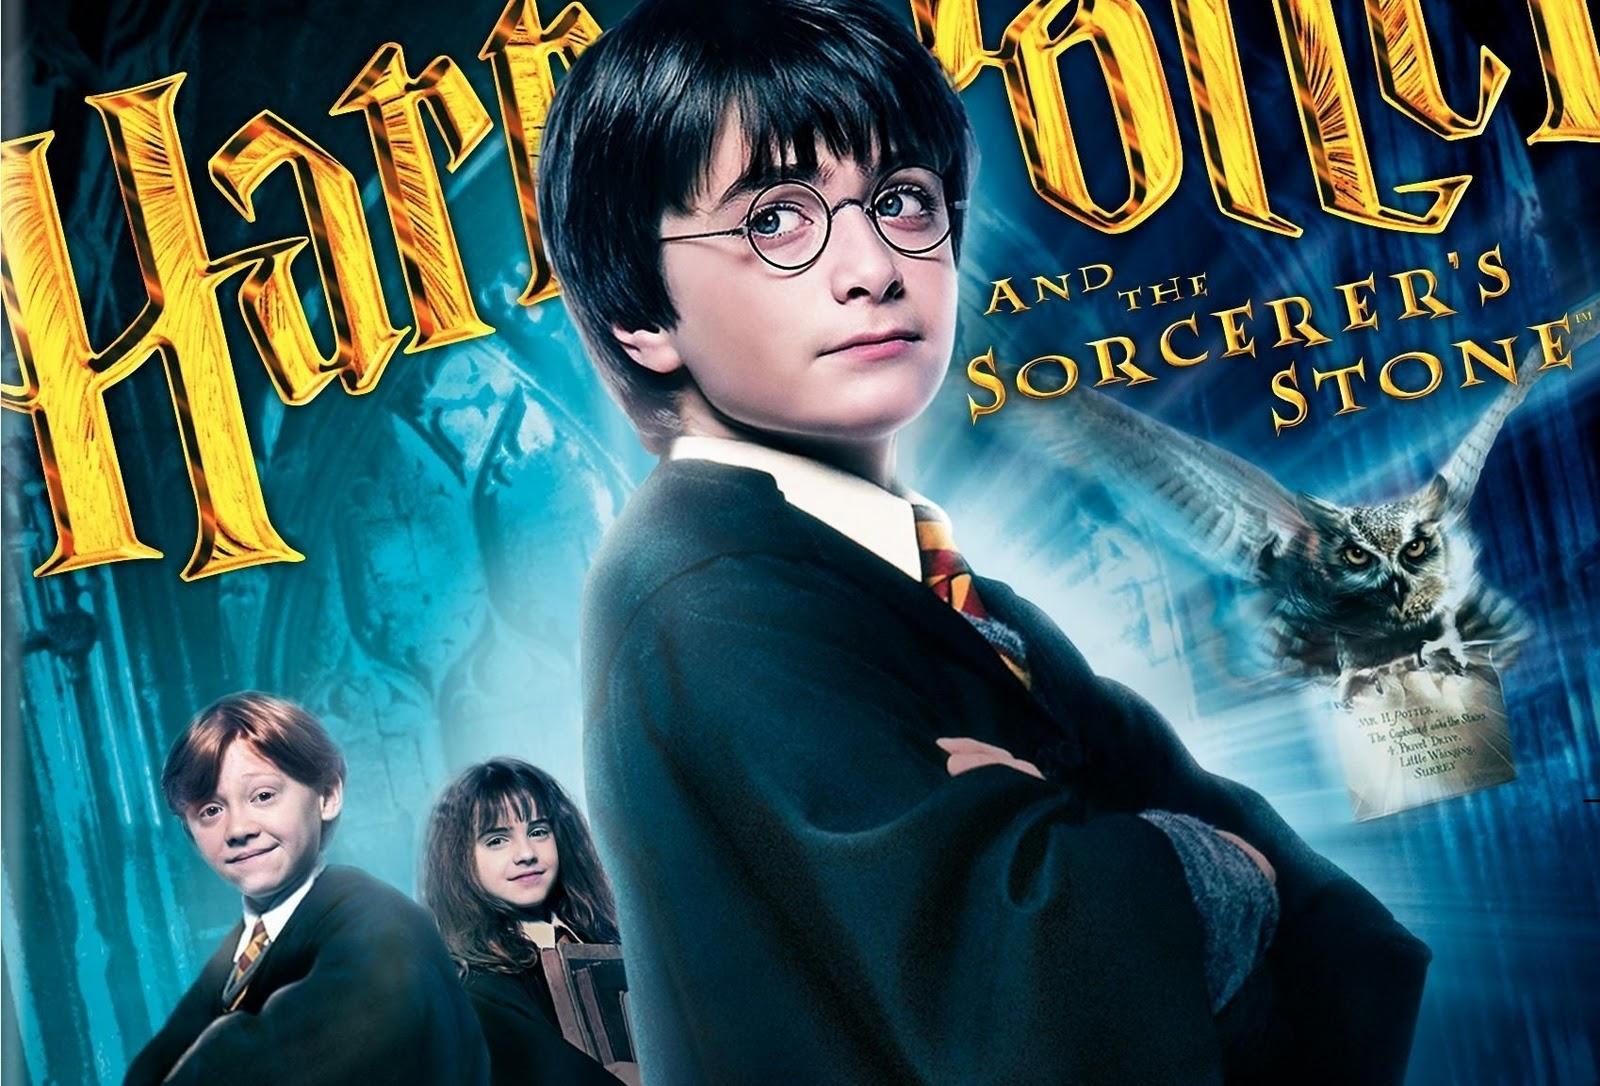 poster phần phim Harry Potter và Hòn đá phù thủy, gồm 3 nhân vật chính và hình ảnh một chú cú